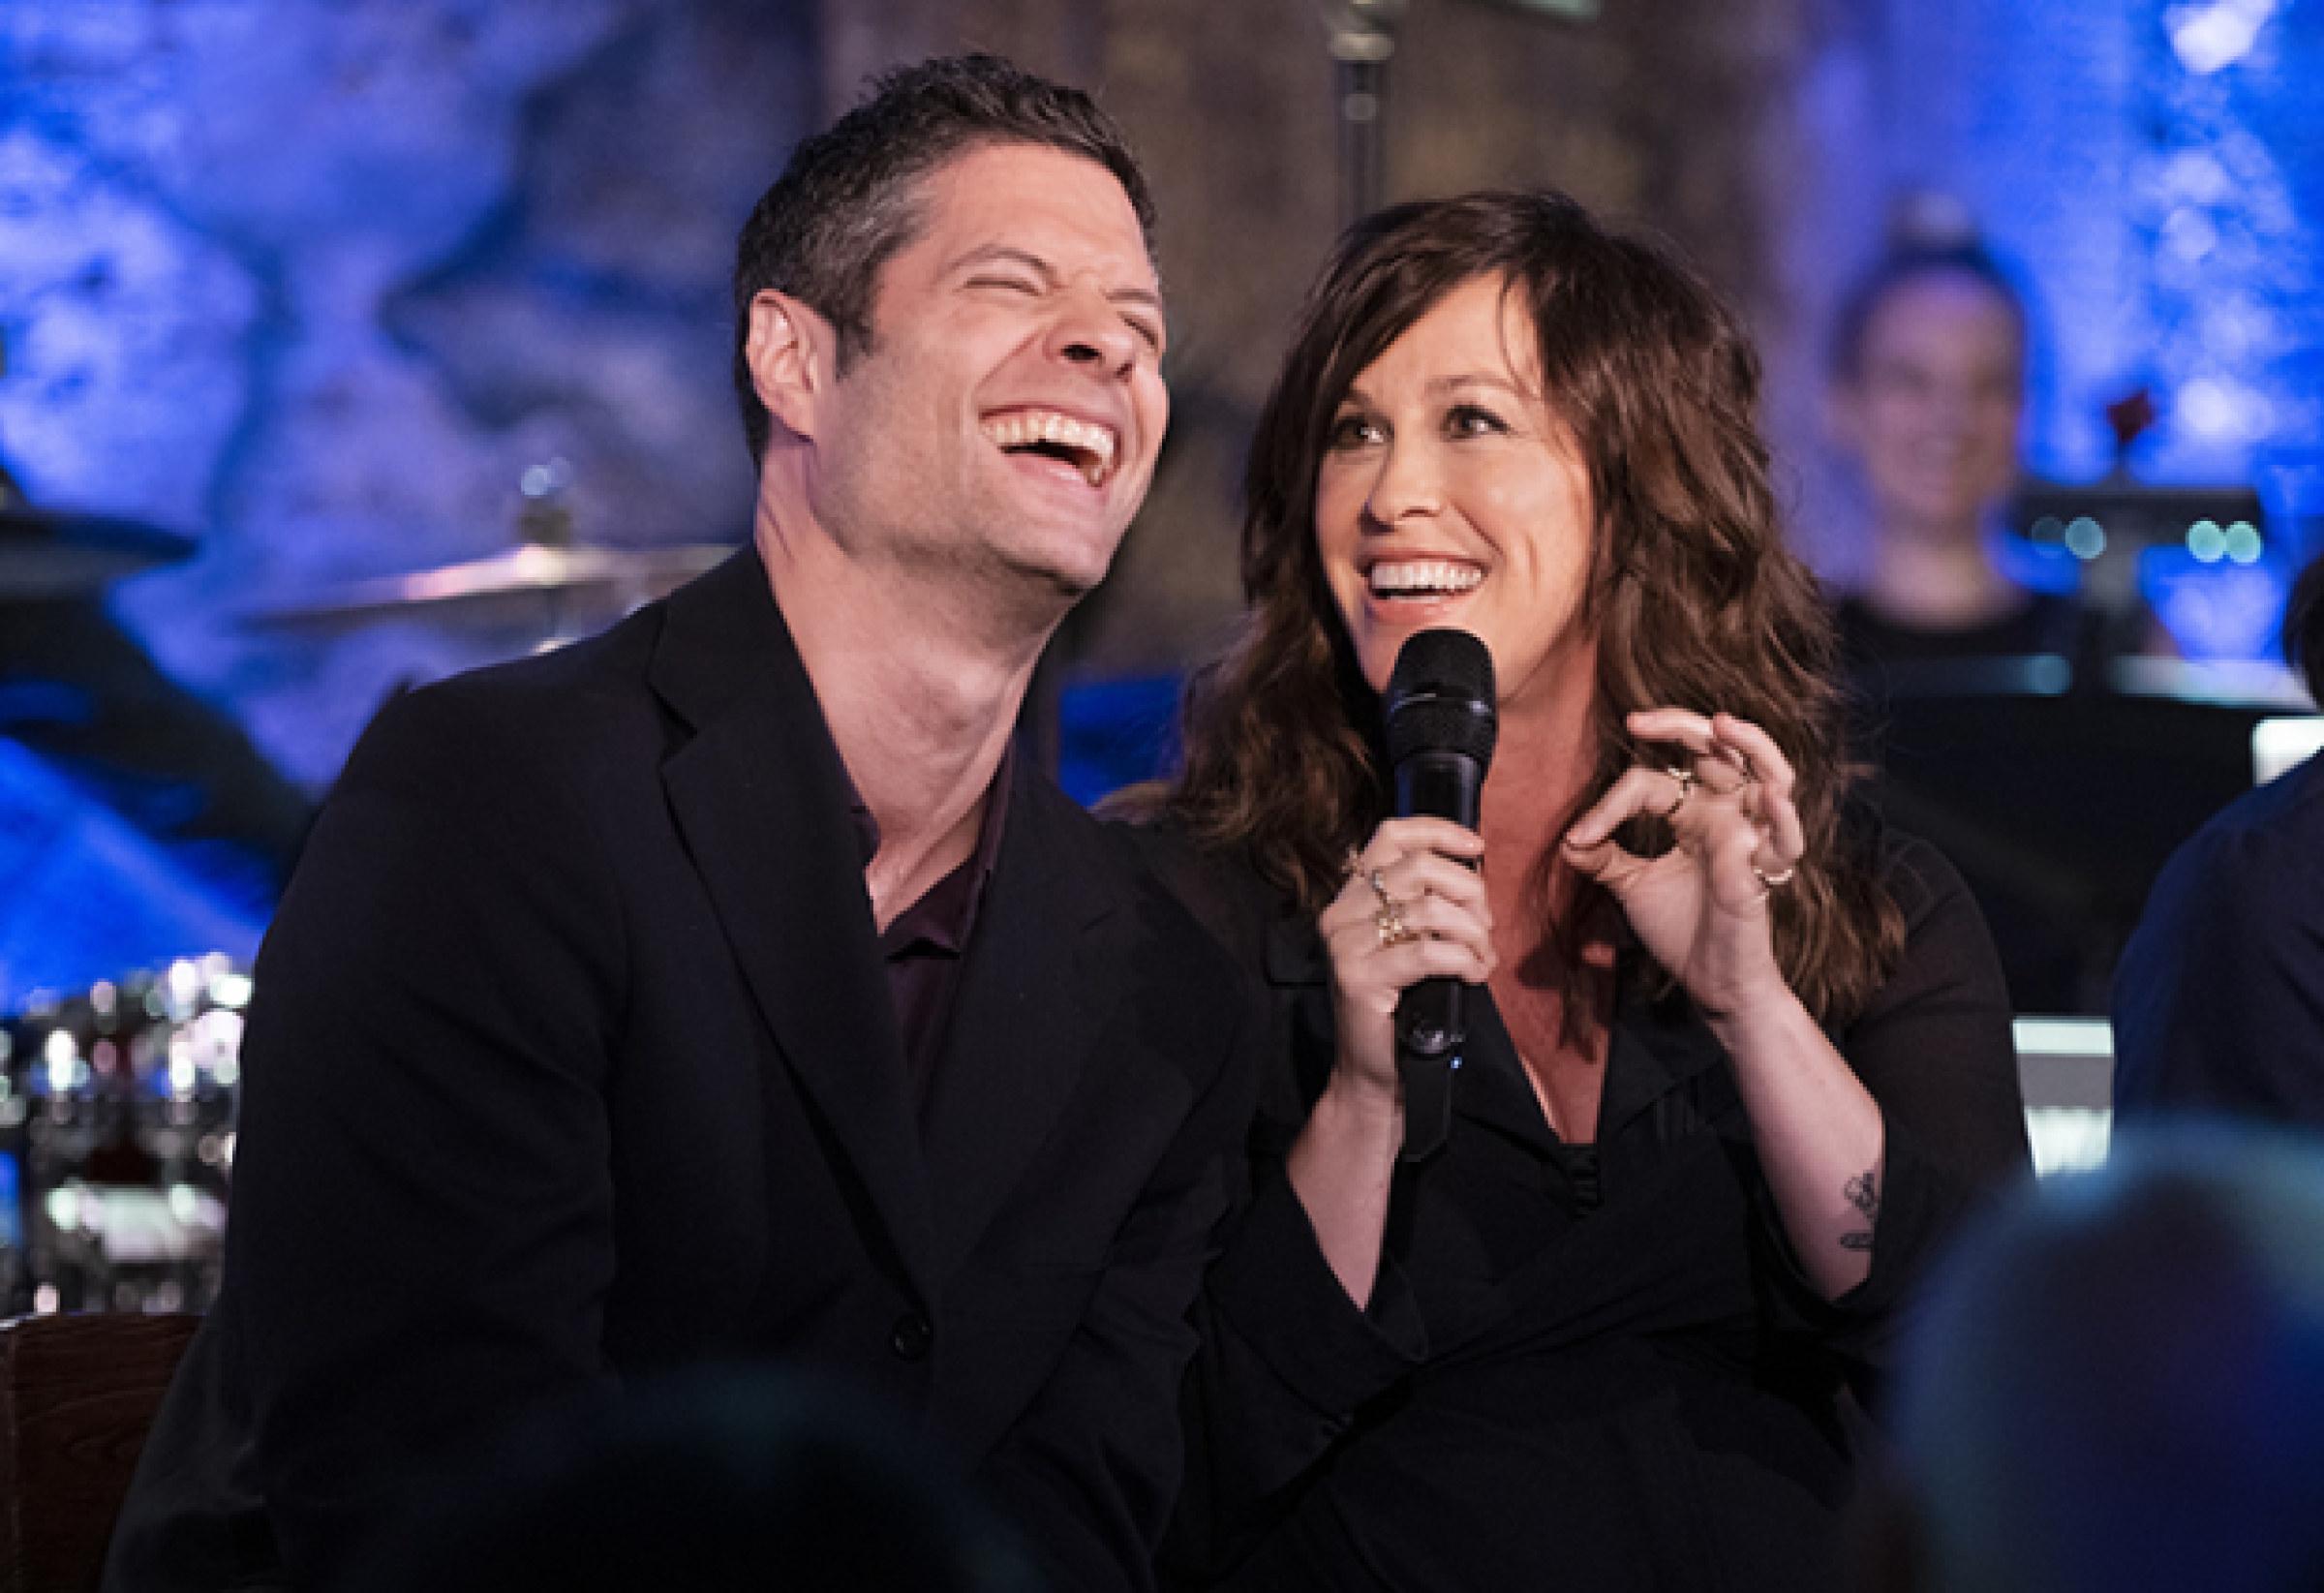 Tom Kitt laughing with Alanis Morissette